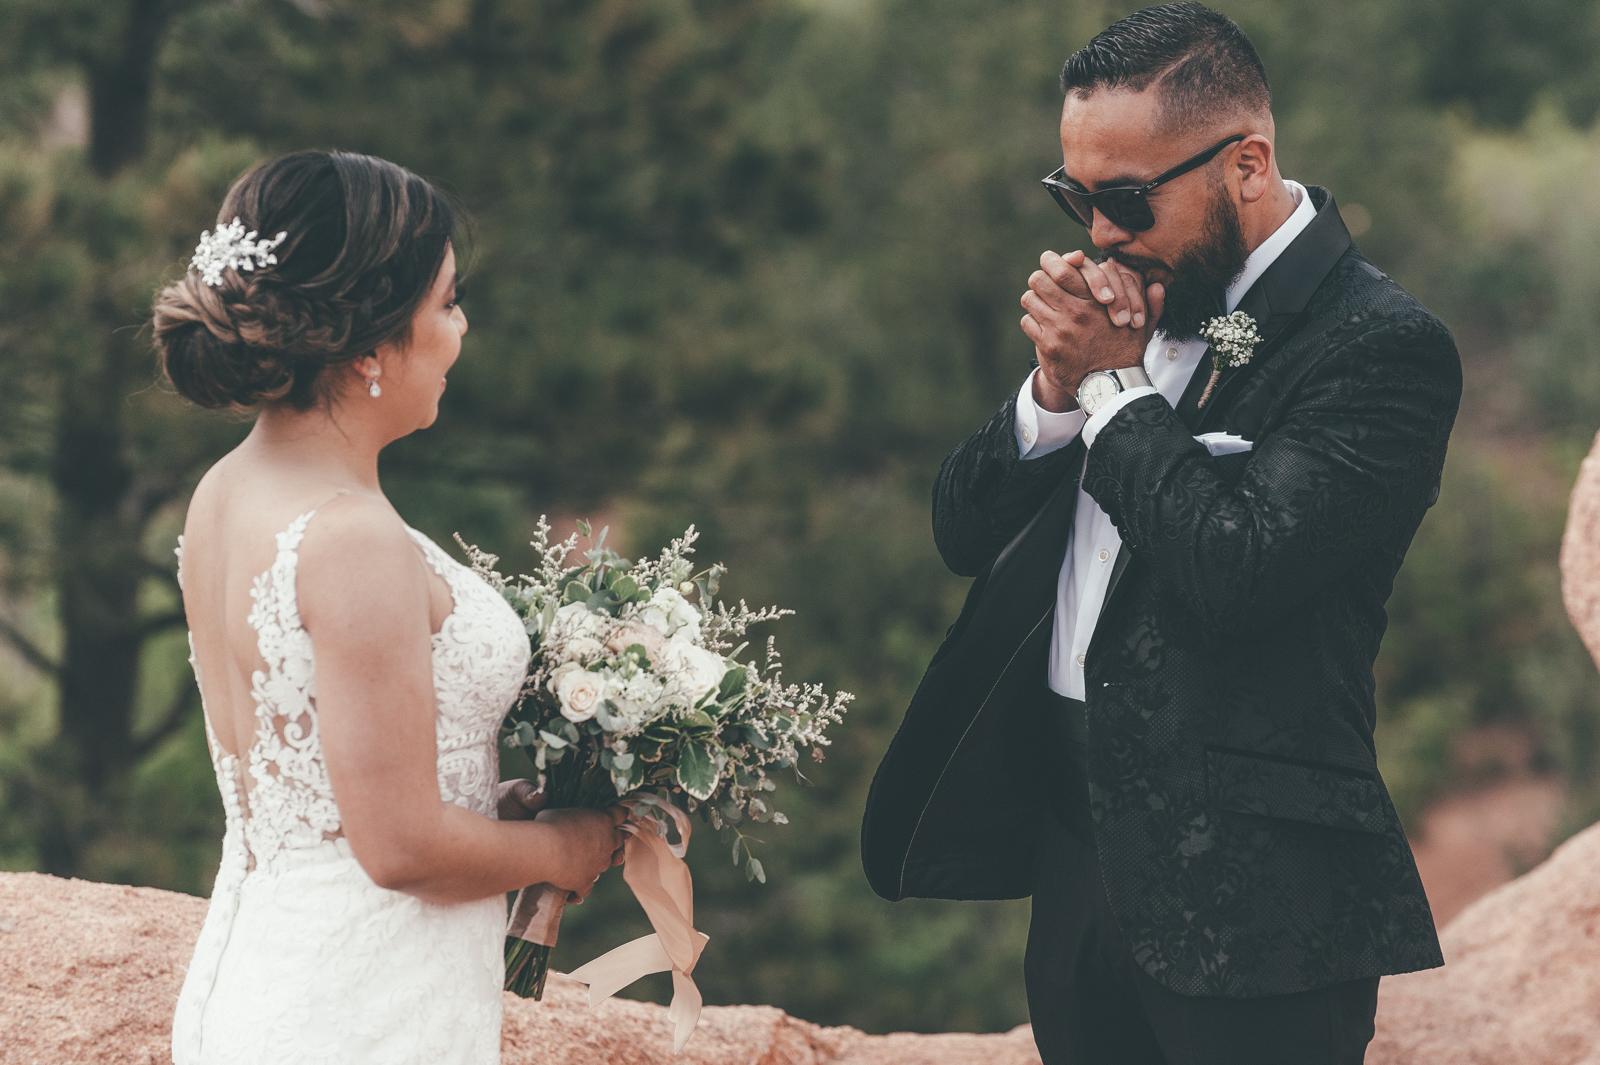 ChadFahnestockPhotography-wedding-photography-portfolio-001-2.jpg